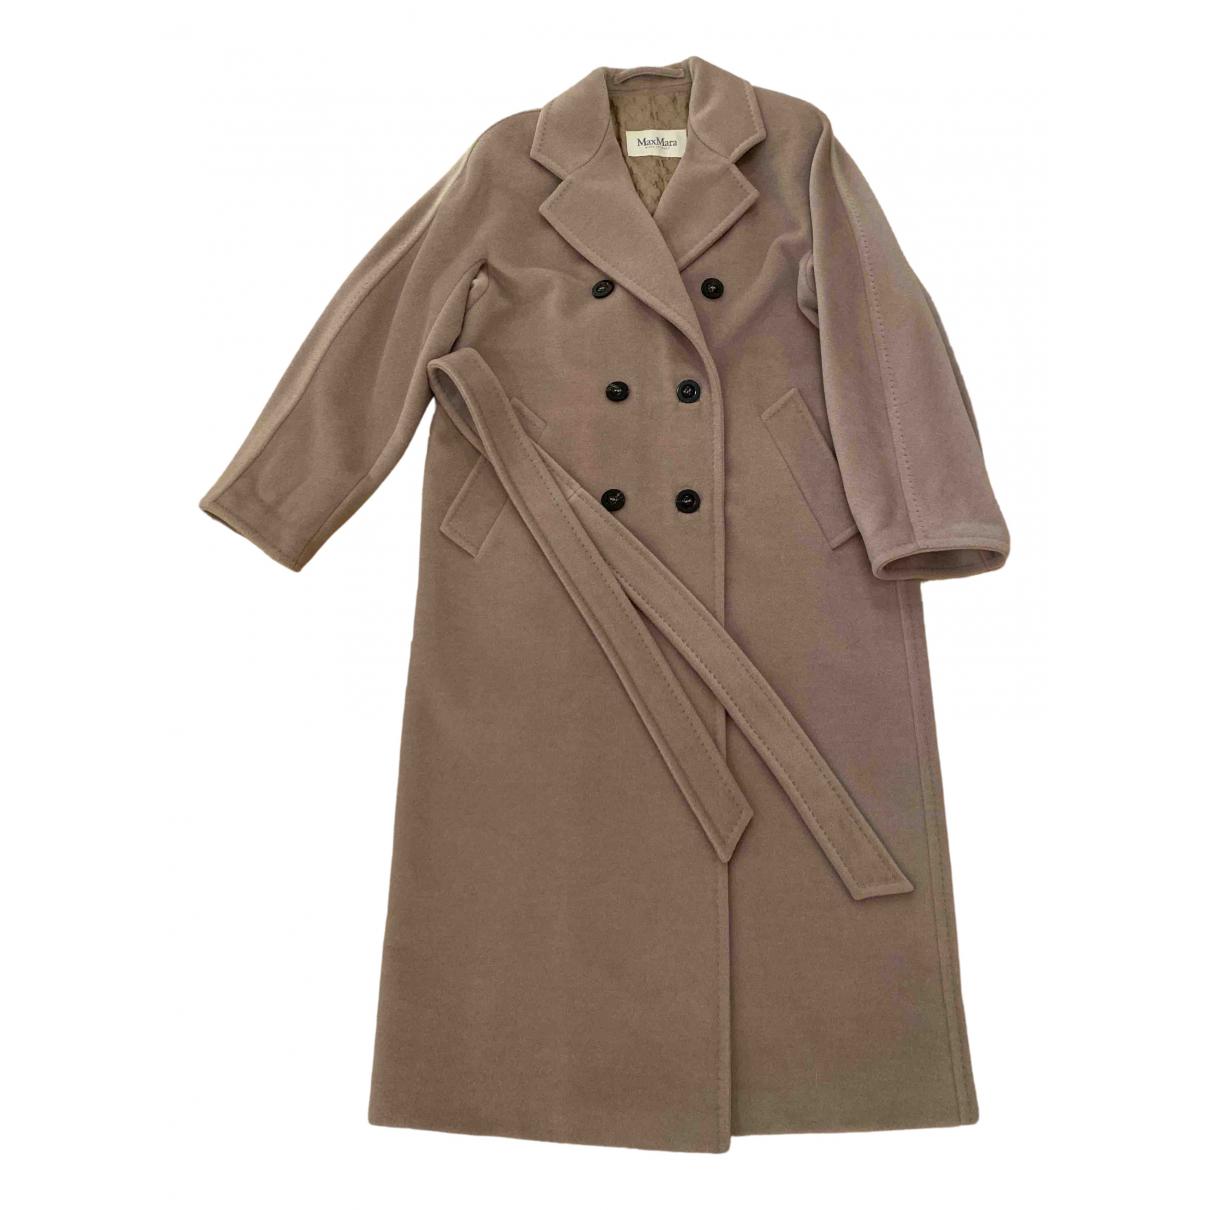 Max Mara - Manteau 101801 pour femme en laine - beige